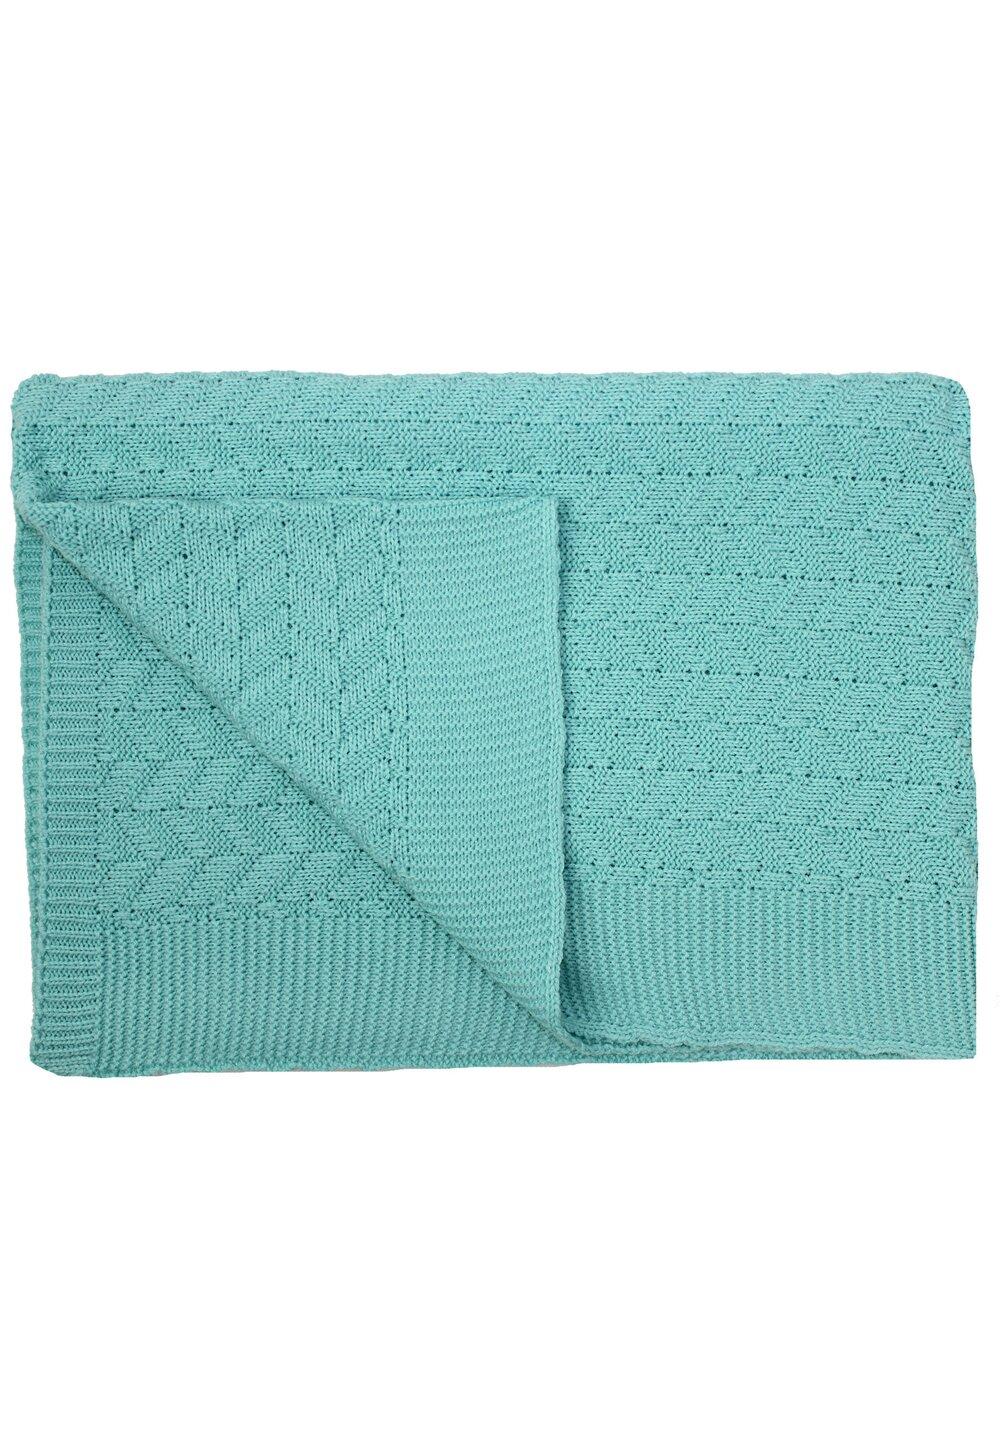 Paturica tricotata, Vivi, verde, 90x90cm imagine